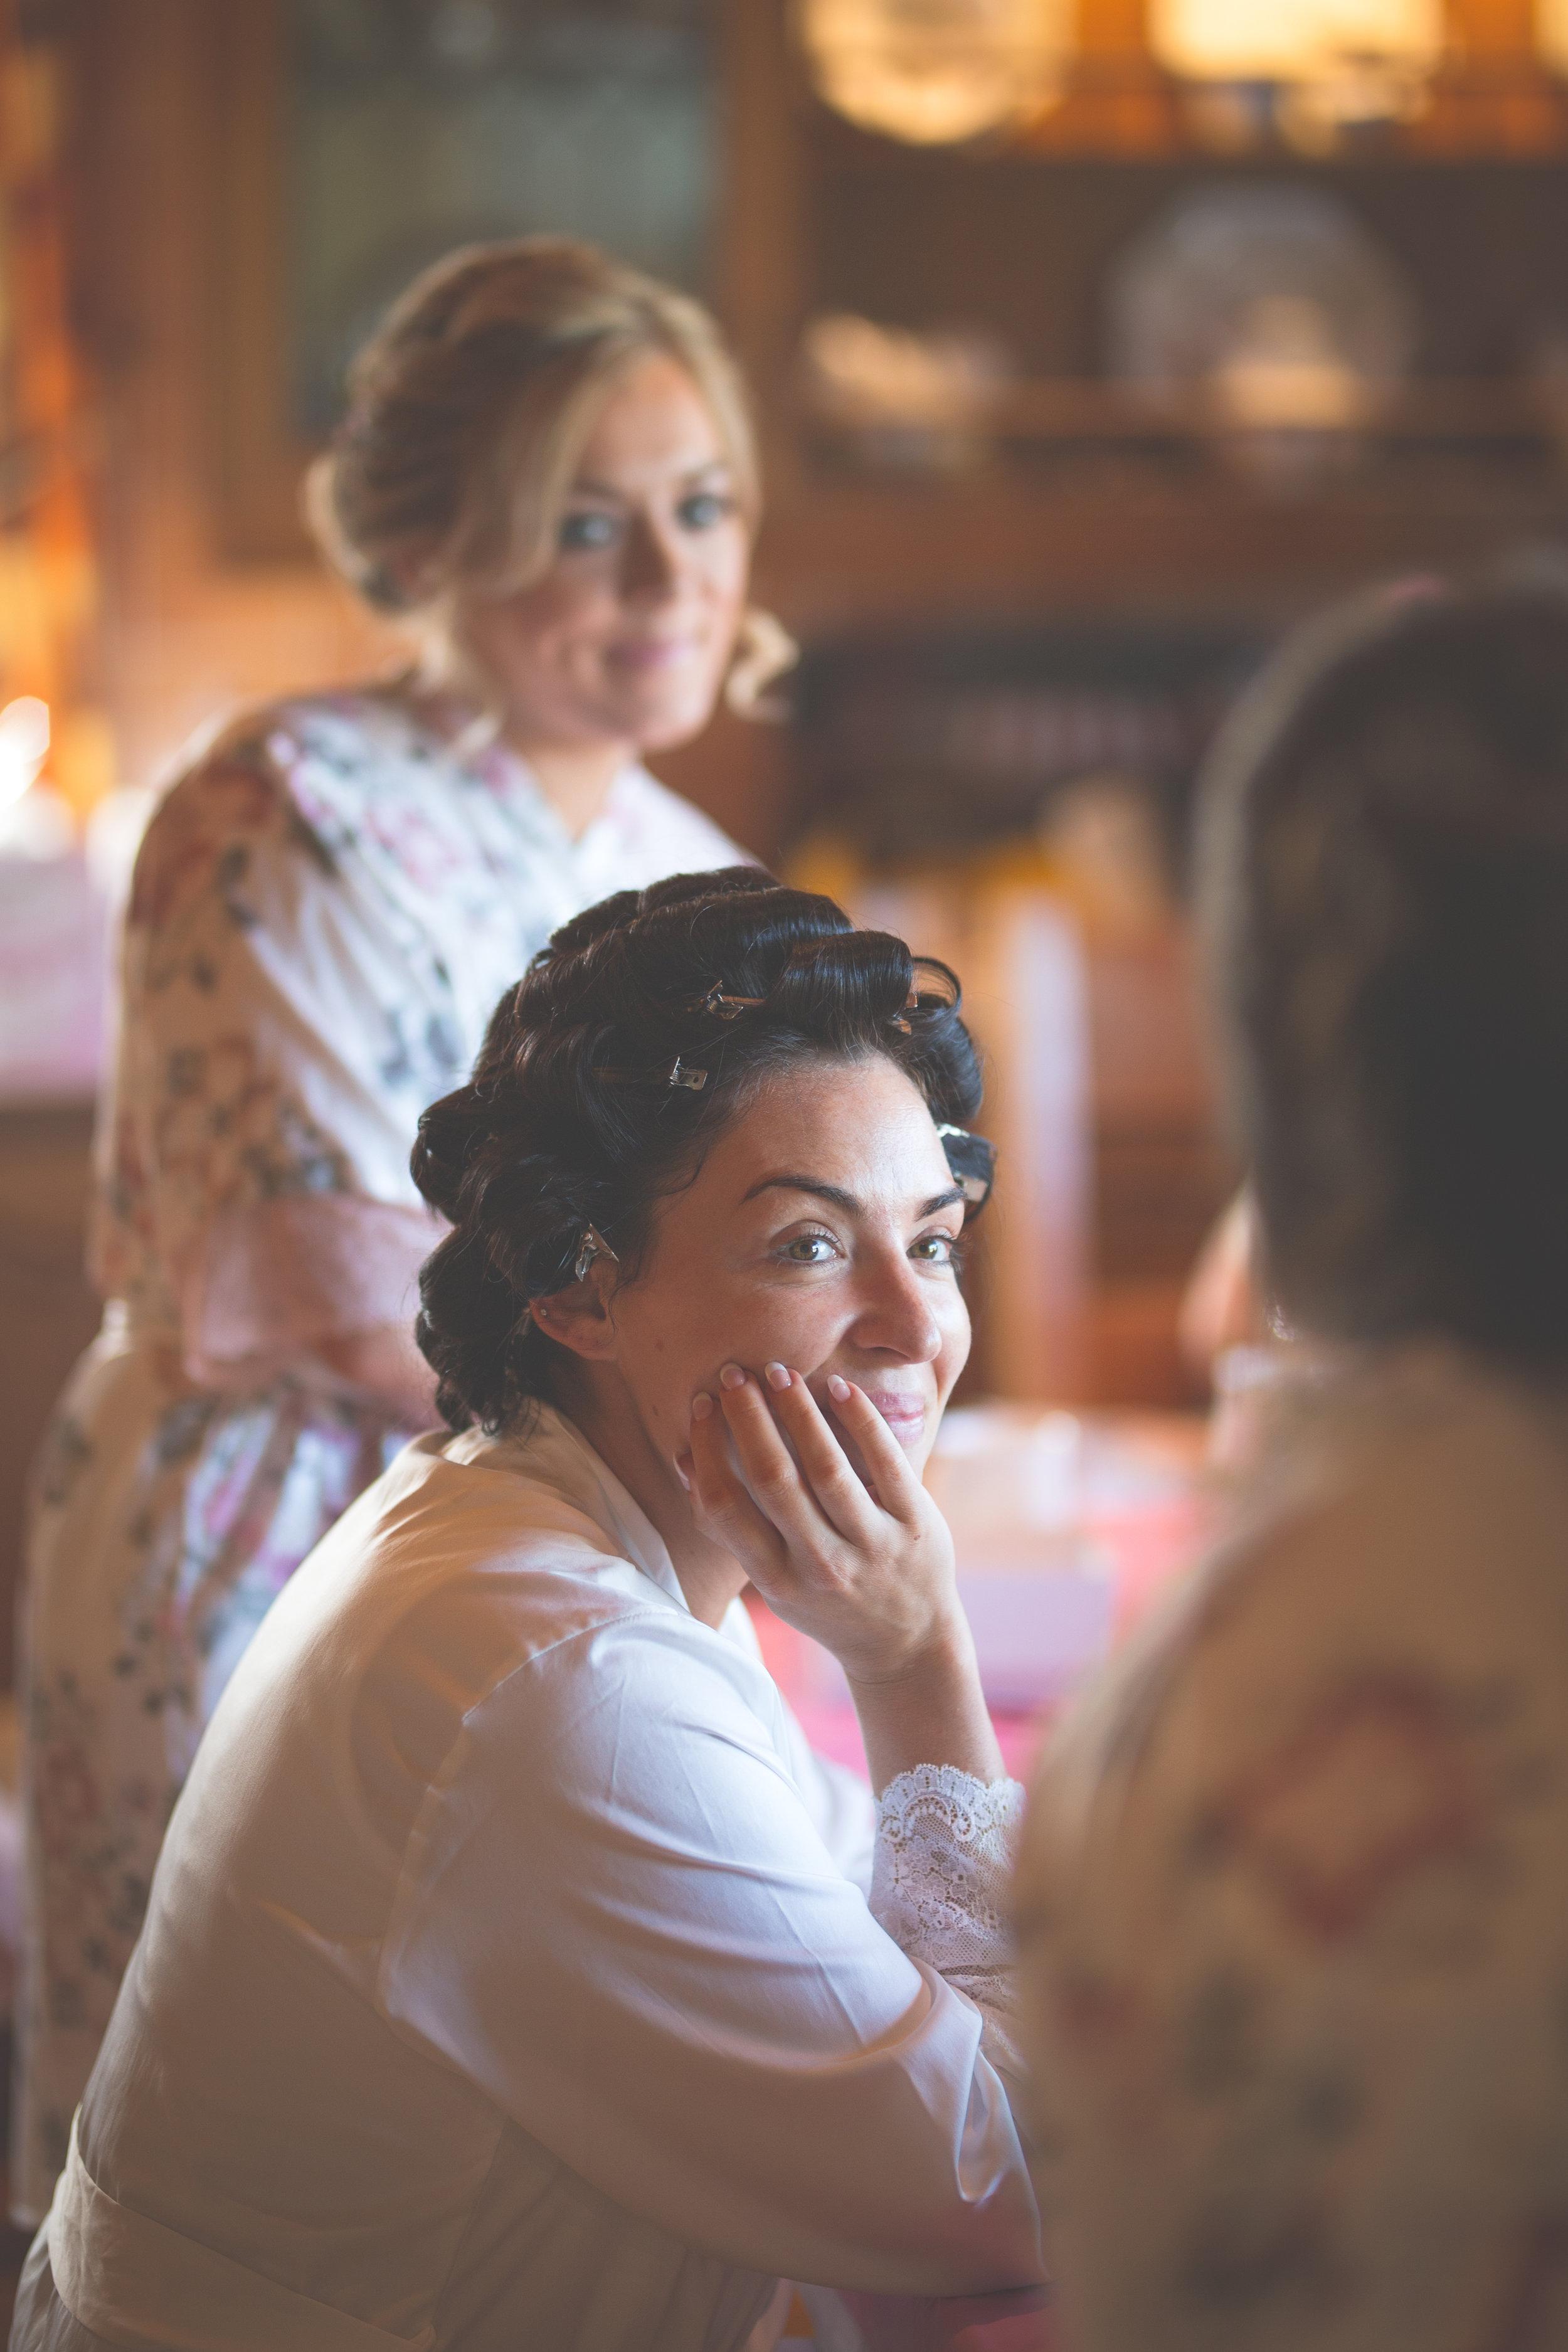 Brian McEwan Wedding Photography | Carol-Anne & Sean | Bridal Preparations-35.jpg